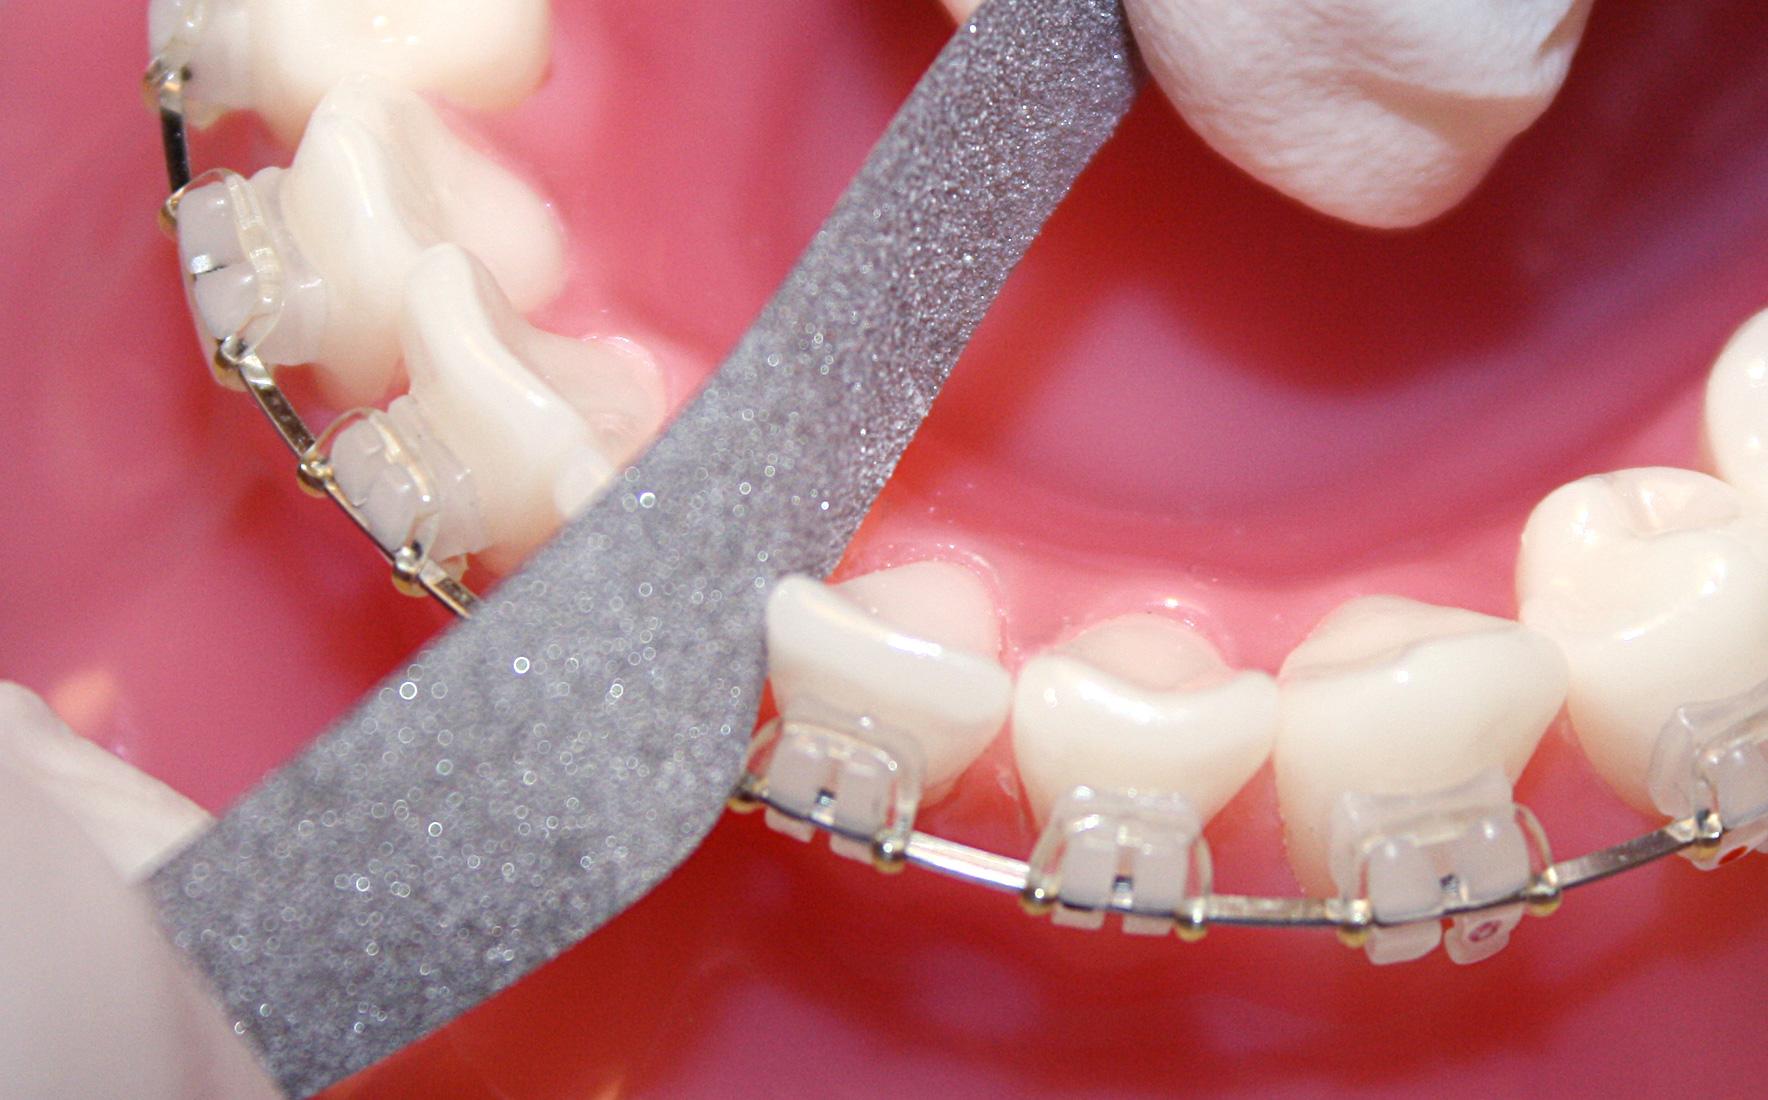 Zahnschmelzreduzierung zur Beseitigung von Engständen